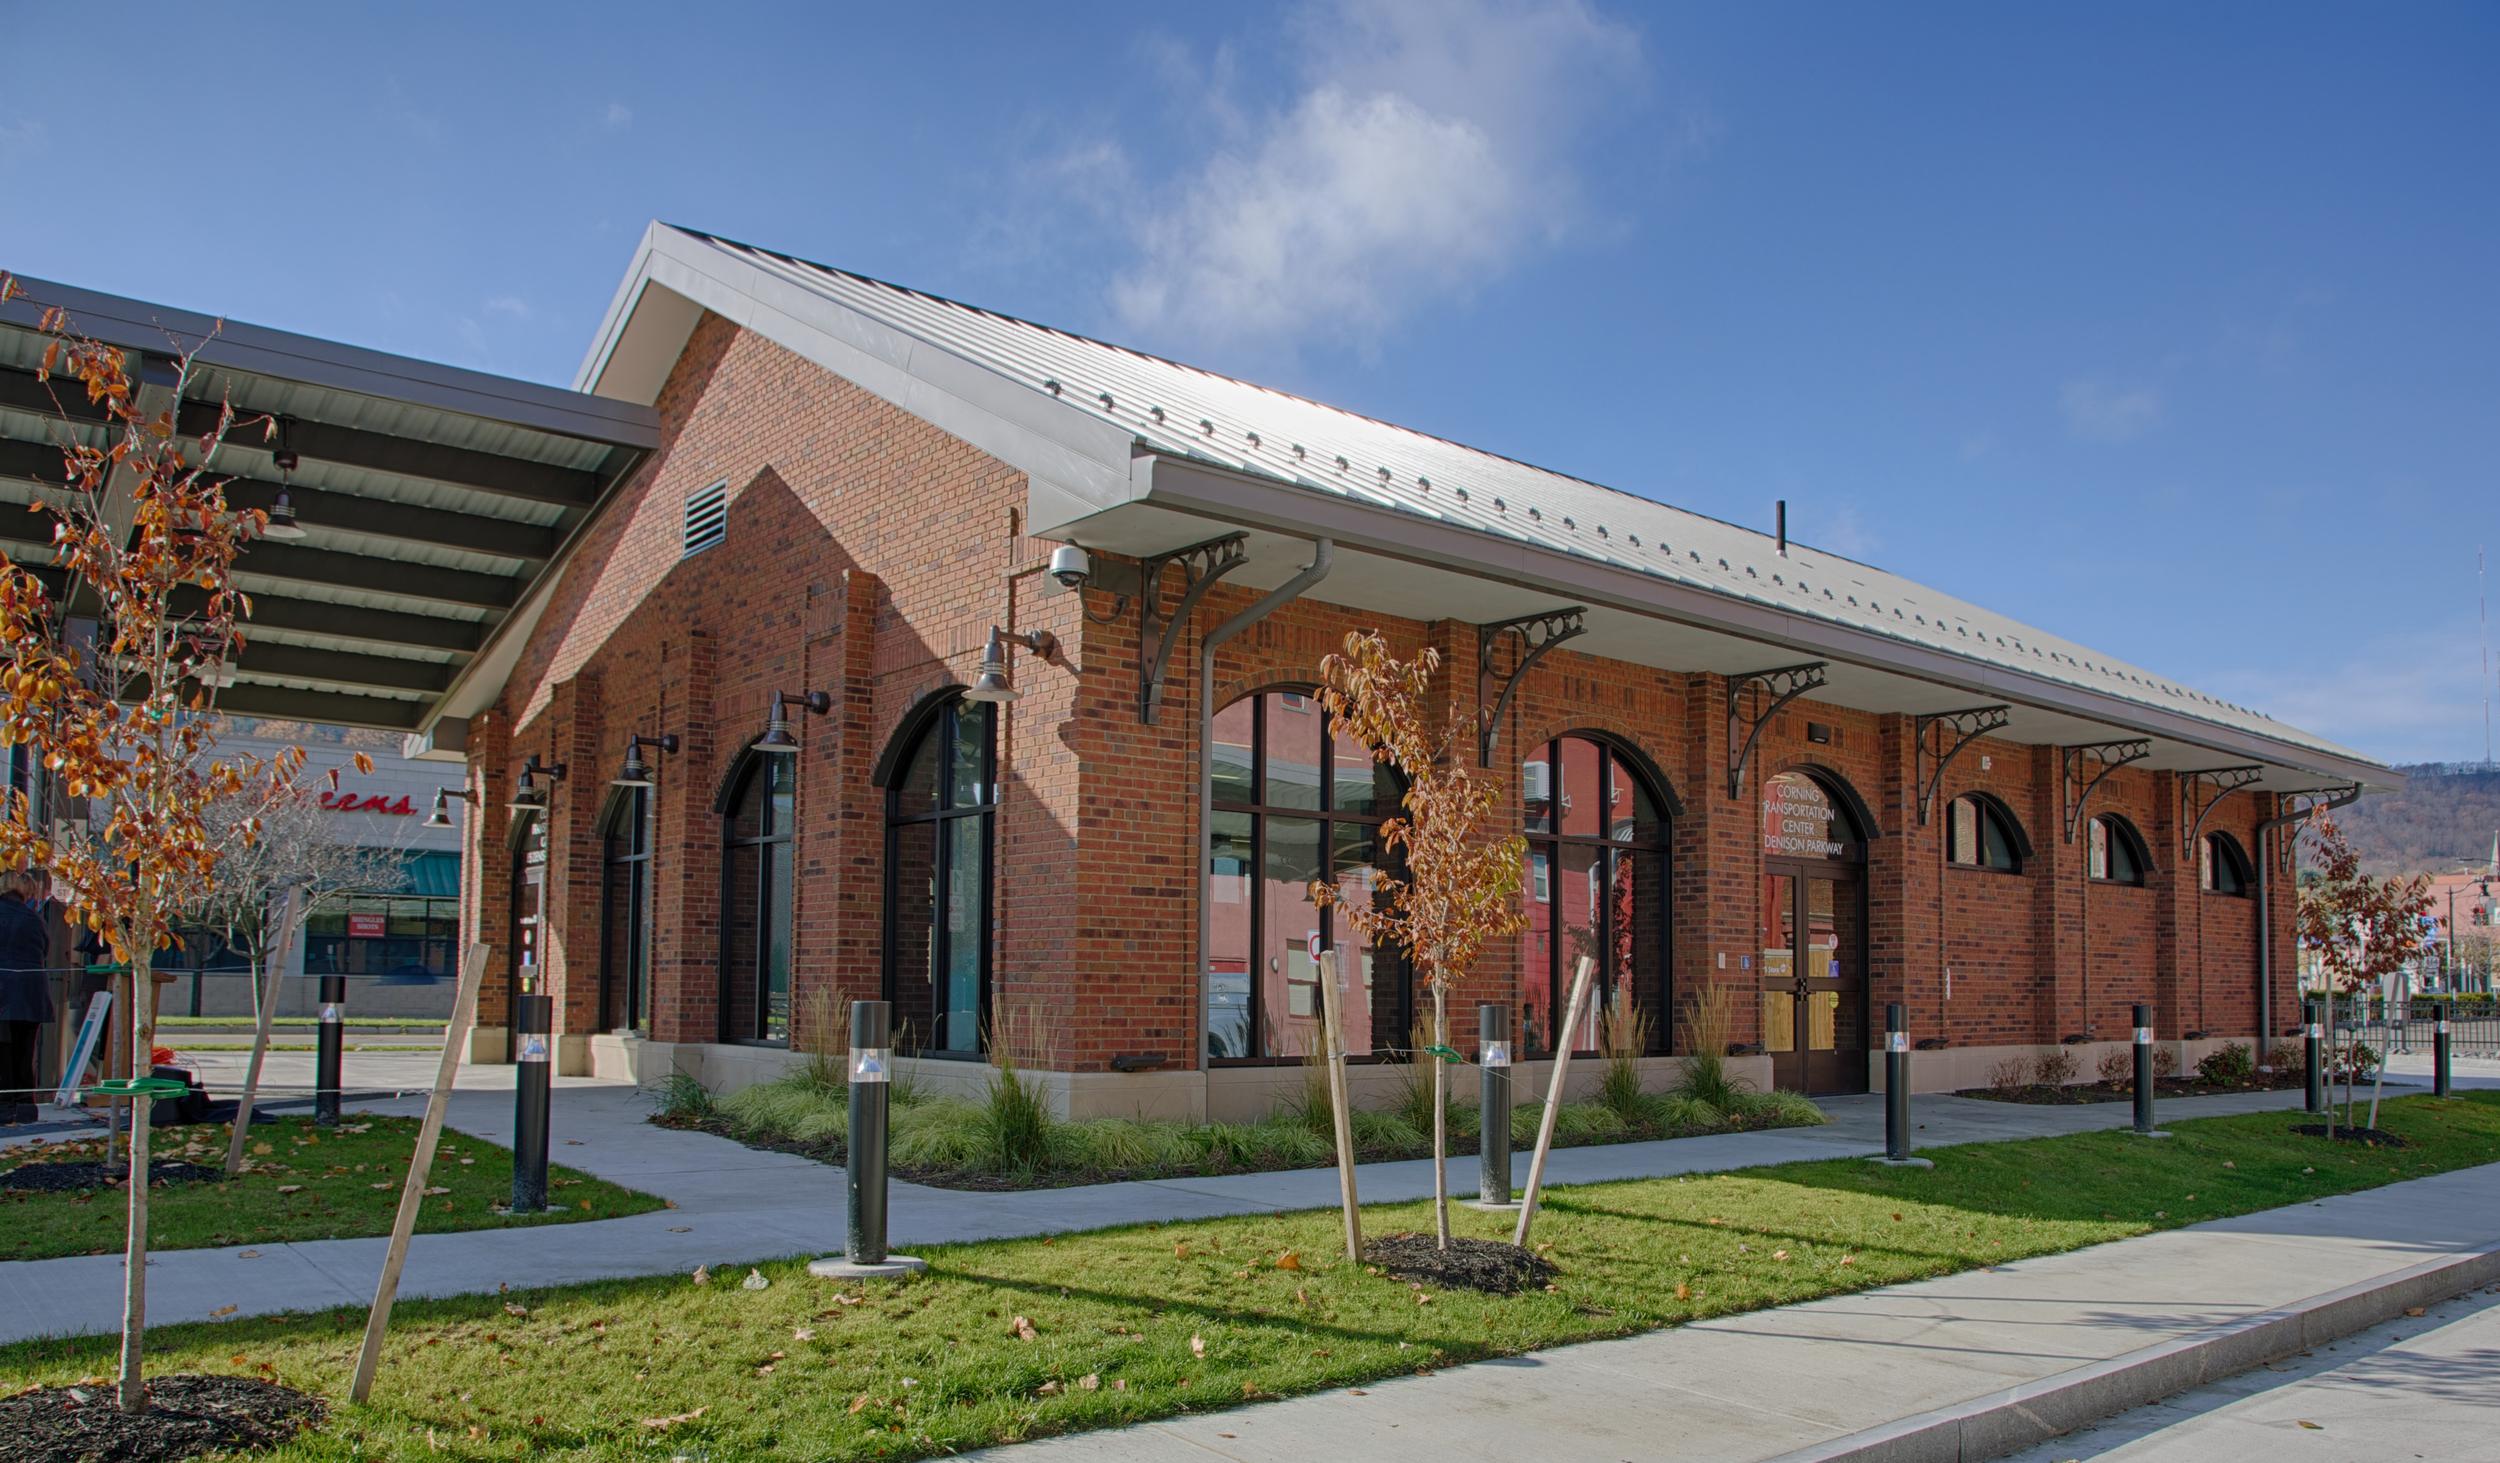 Corning Intermodal Transportation Center